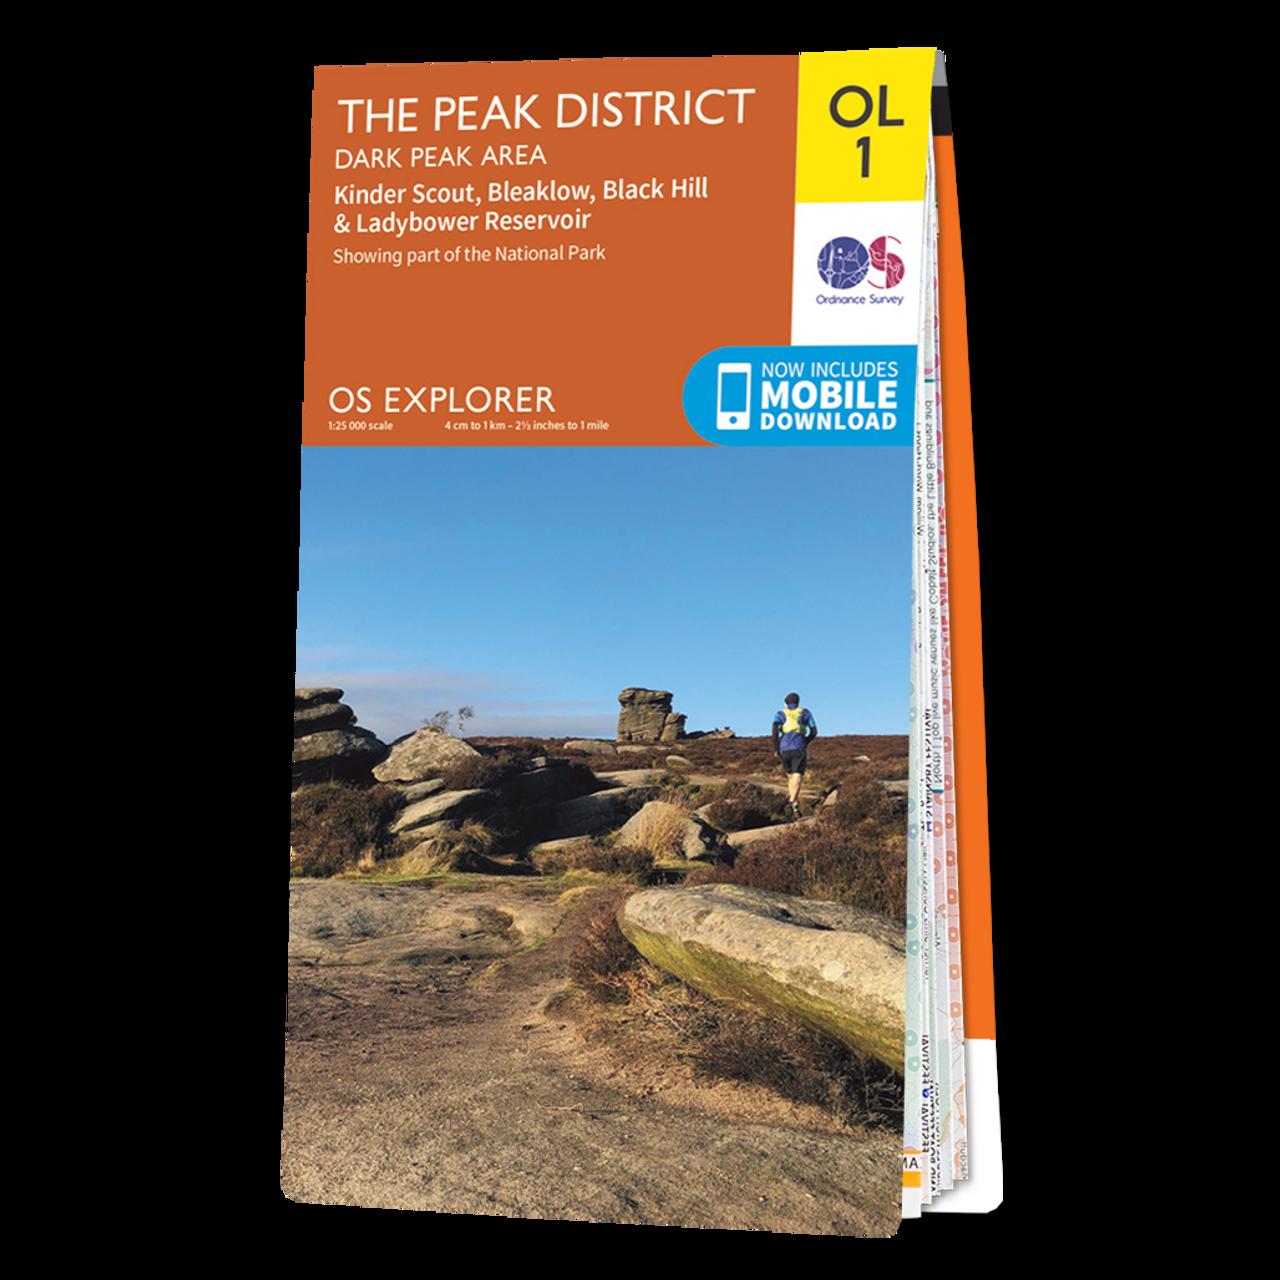 Map Of The Peak District - Dark Peak Area